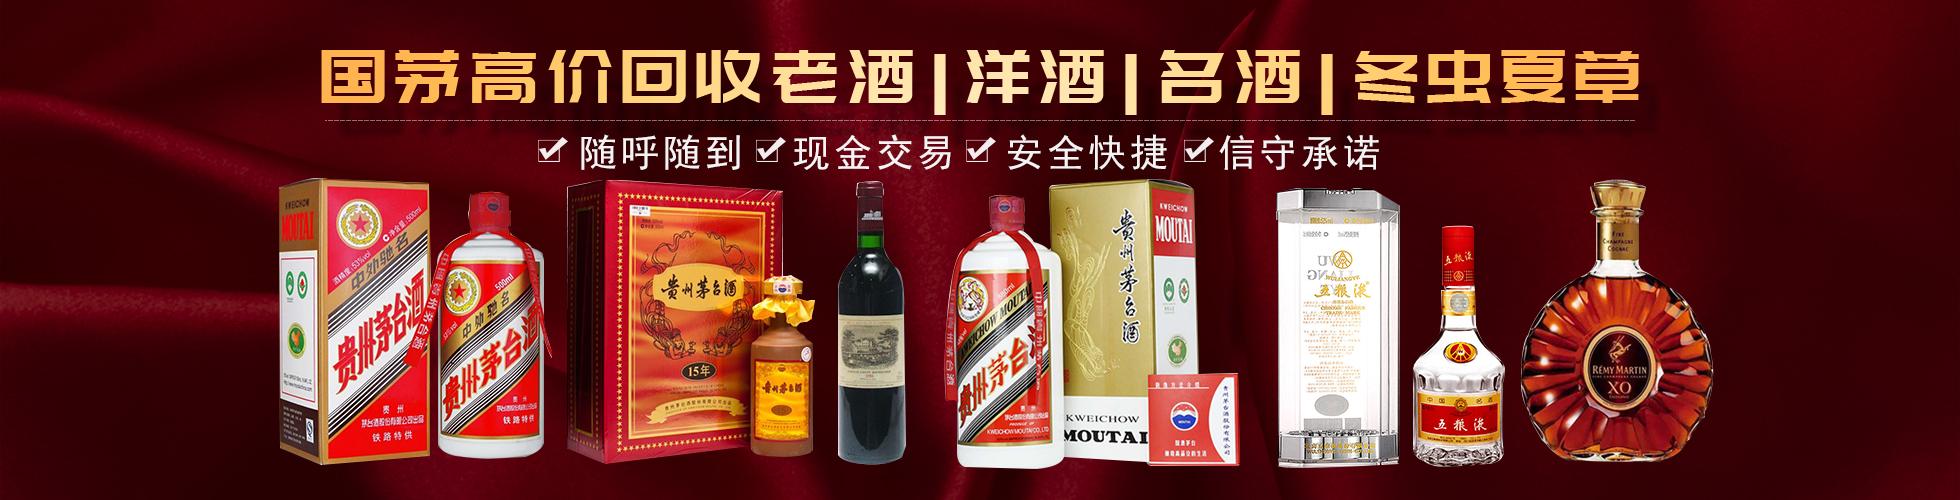 北京老酒回收